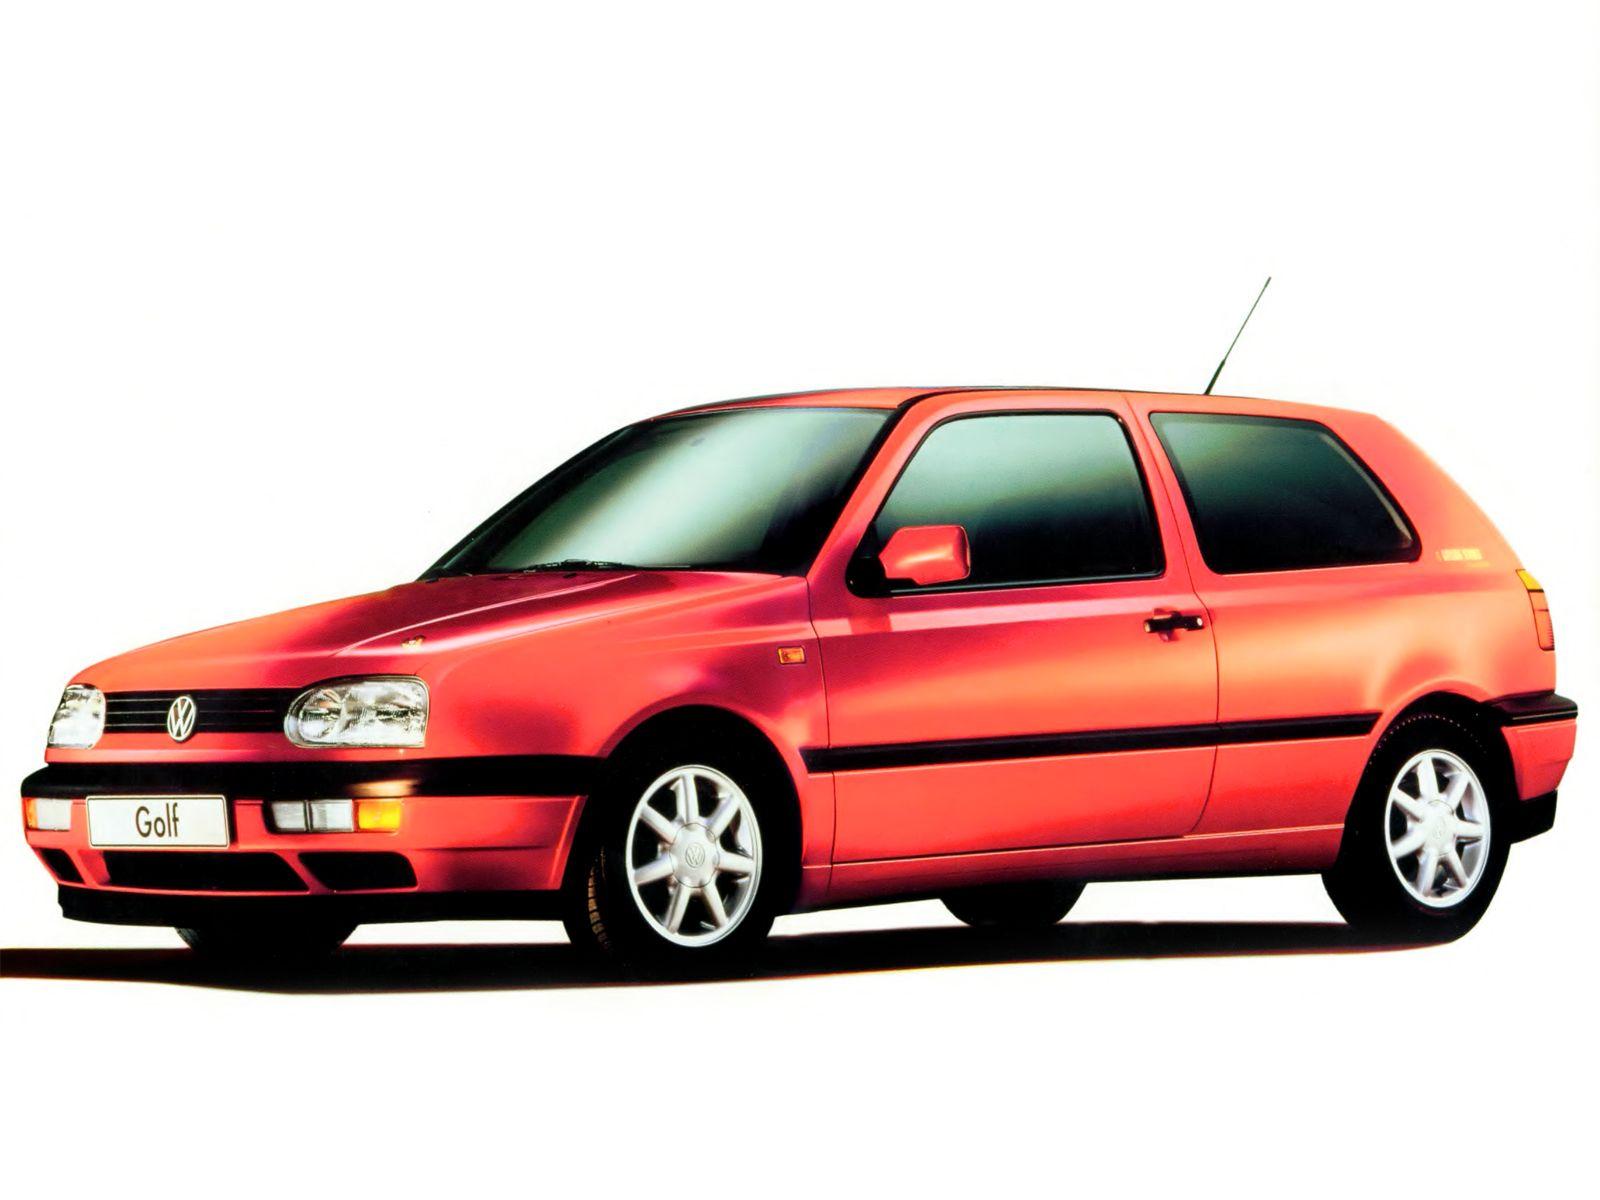 Volkswagen Golf Rolling Stones 1995